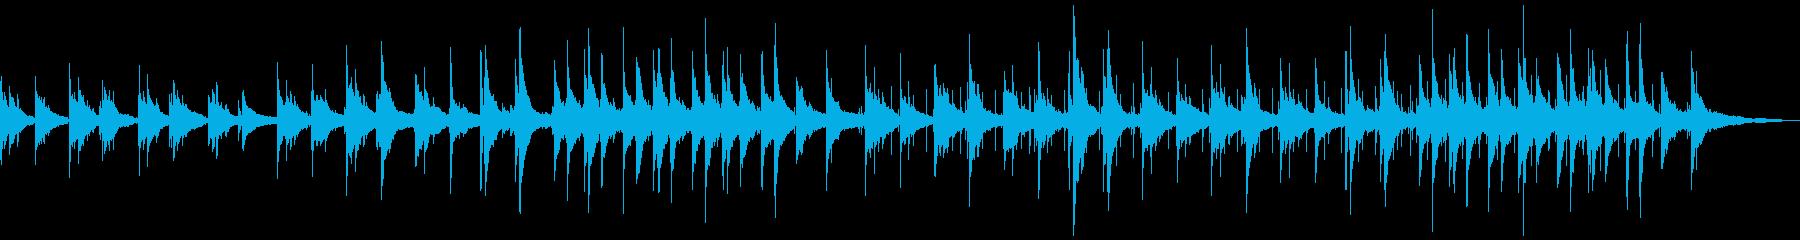 音響アメリカーナ。幸福に優しいハー...の再生済みの波形